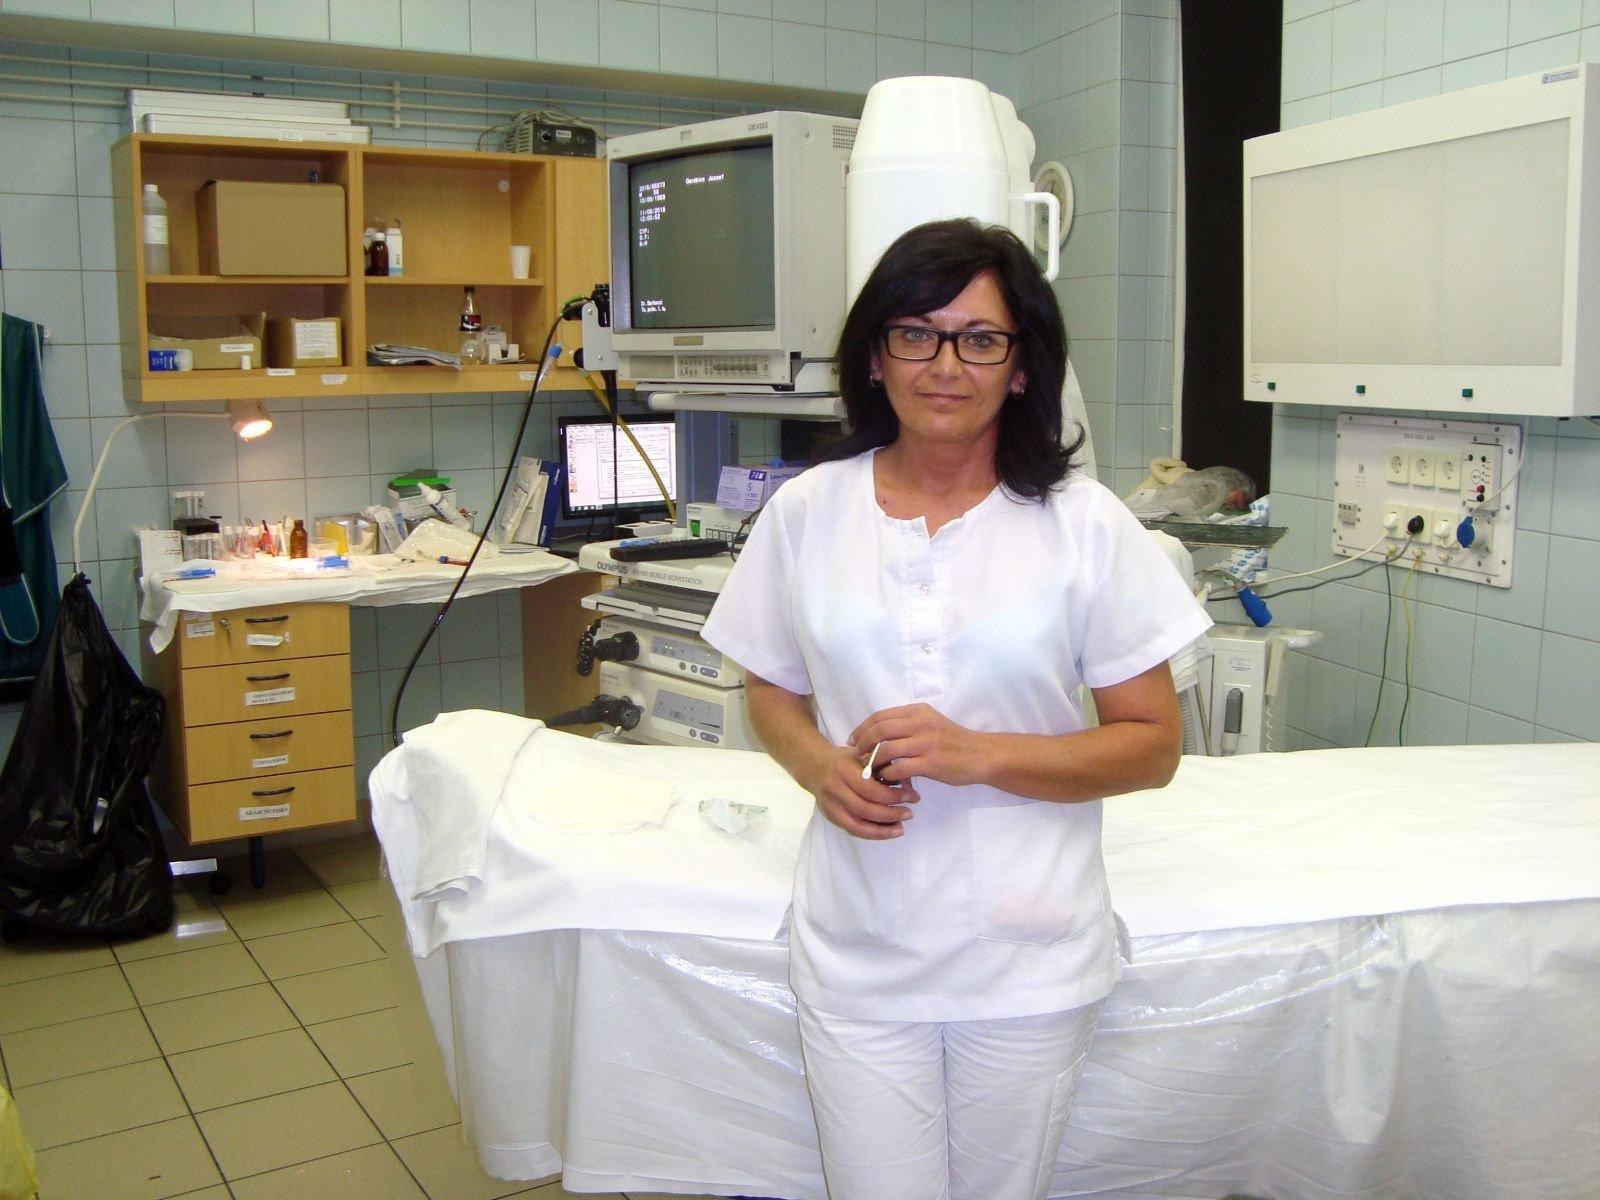 Egészségügyi piárral nyert novellapályázatot a kalocsai csinos-nővér!